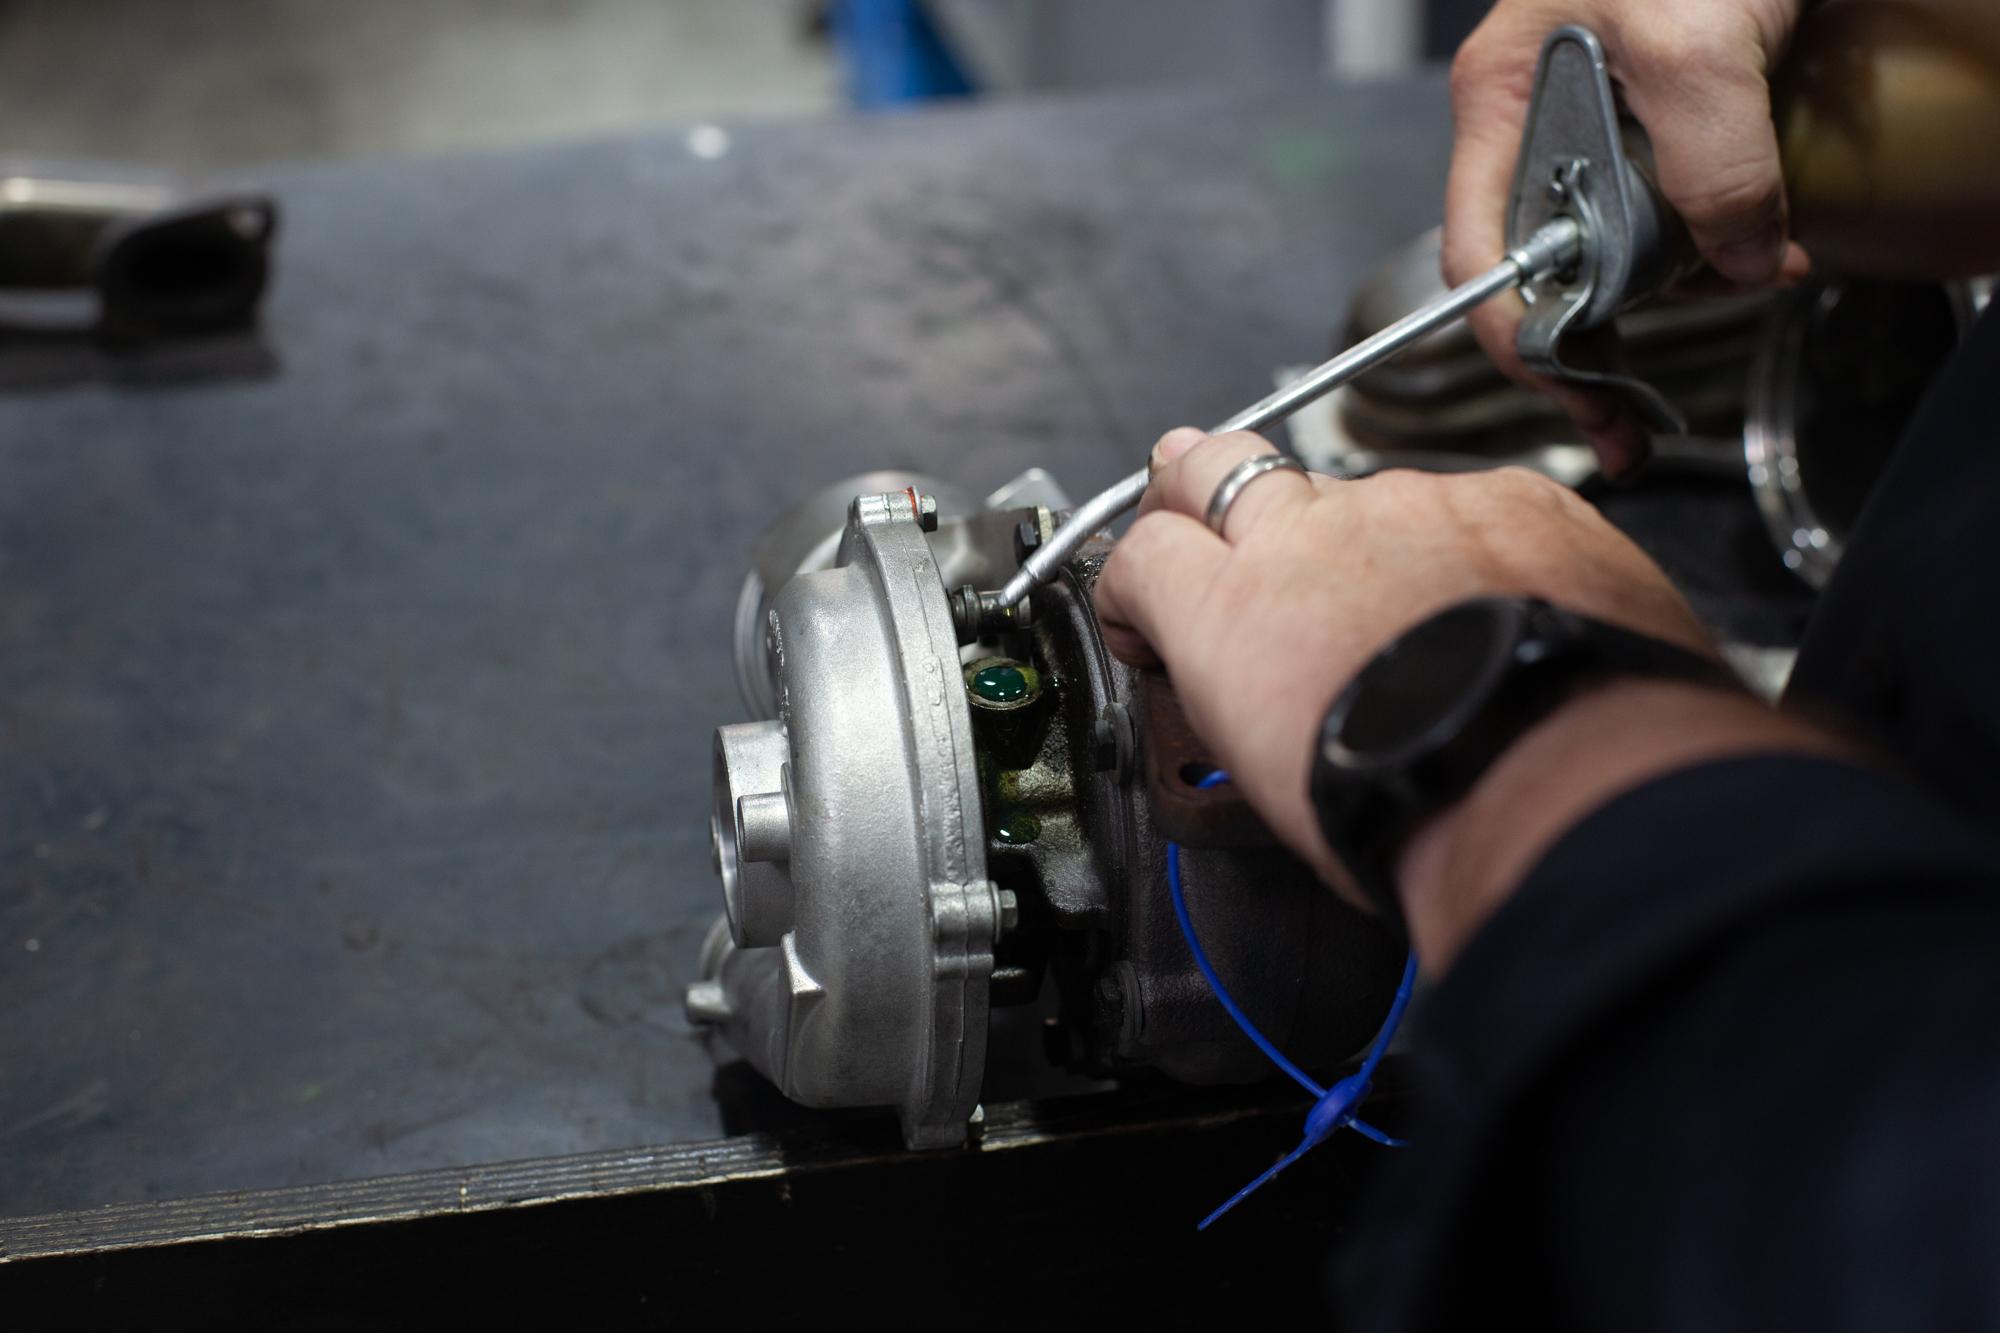 Turbolader-Schäden - Vor dem Test etwas Öl in die Lager drücken hilft bei der Einschätzung.